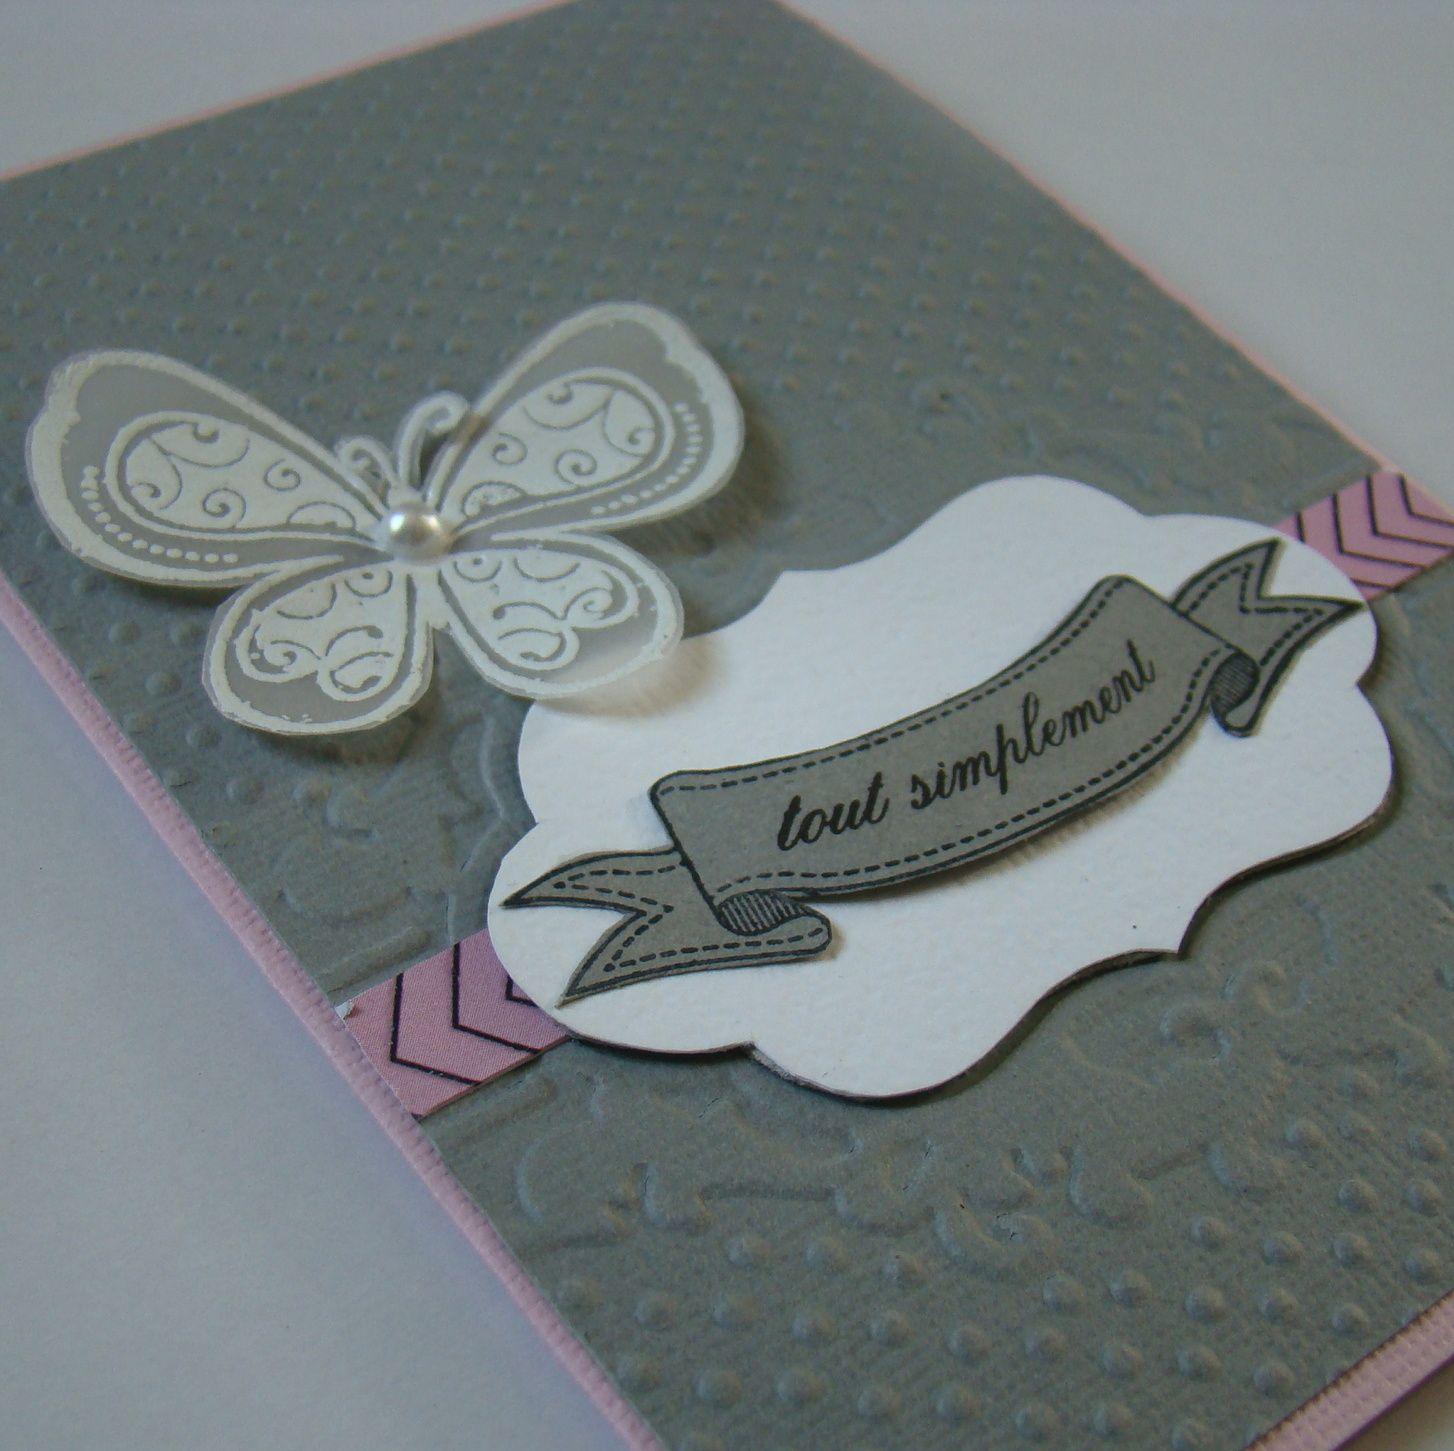 Meilleurs vœux et quelques cartes